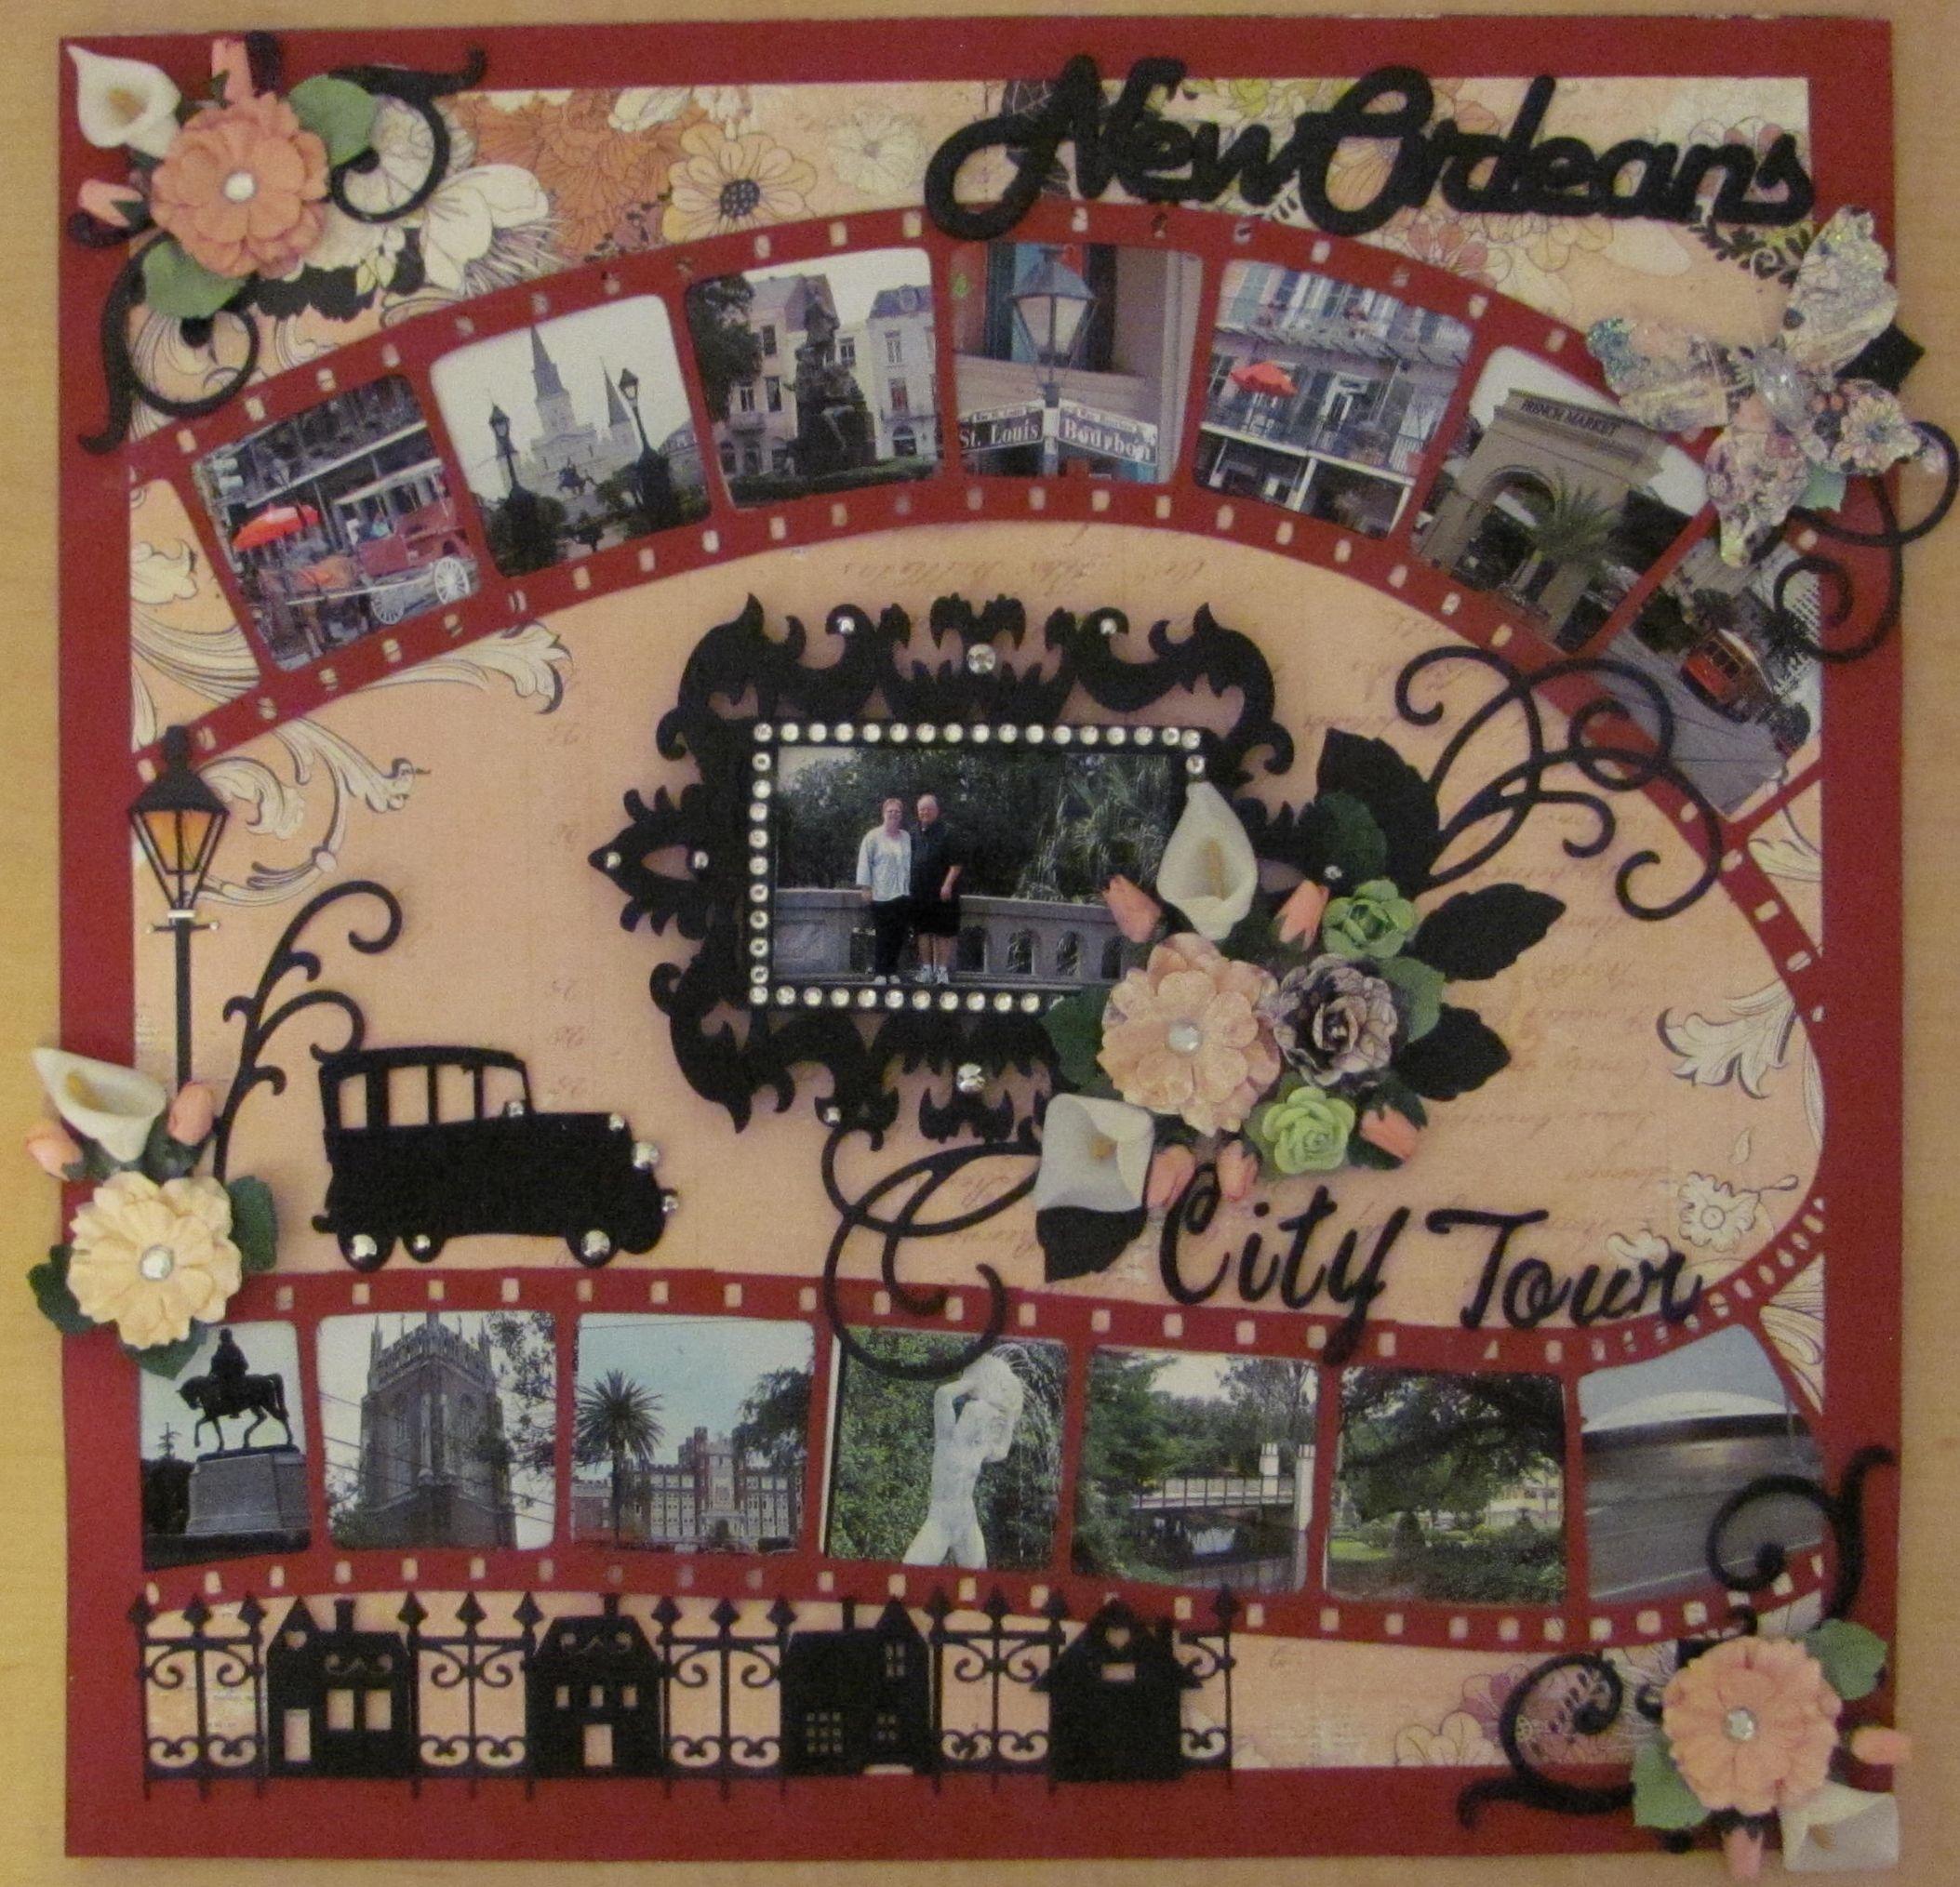 Scrapbook ideas new orleans - New Orleans City Tour Scrapbook Com